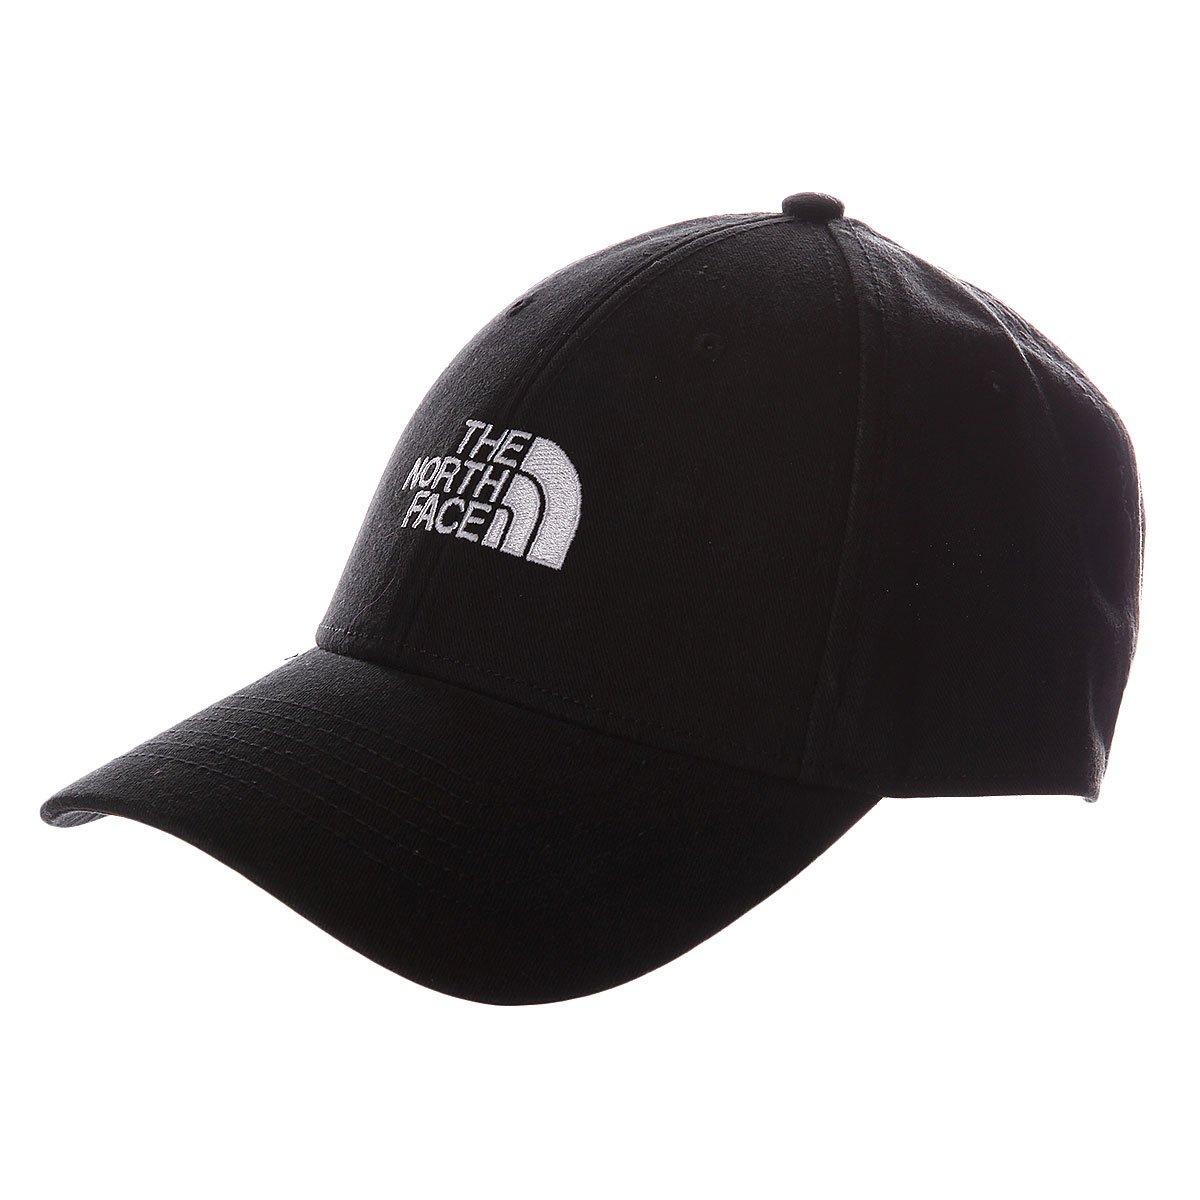 Купить бейсболку The North Face 68 Classic Hat Tnf Black в интернет ... d0892b372d4e2